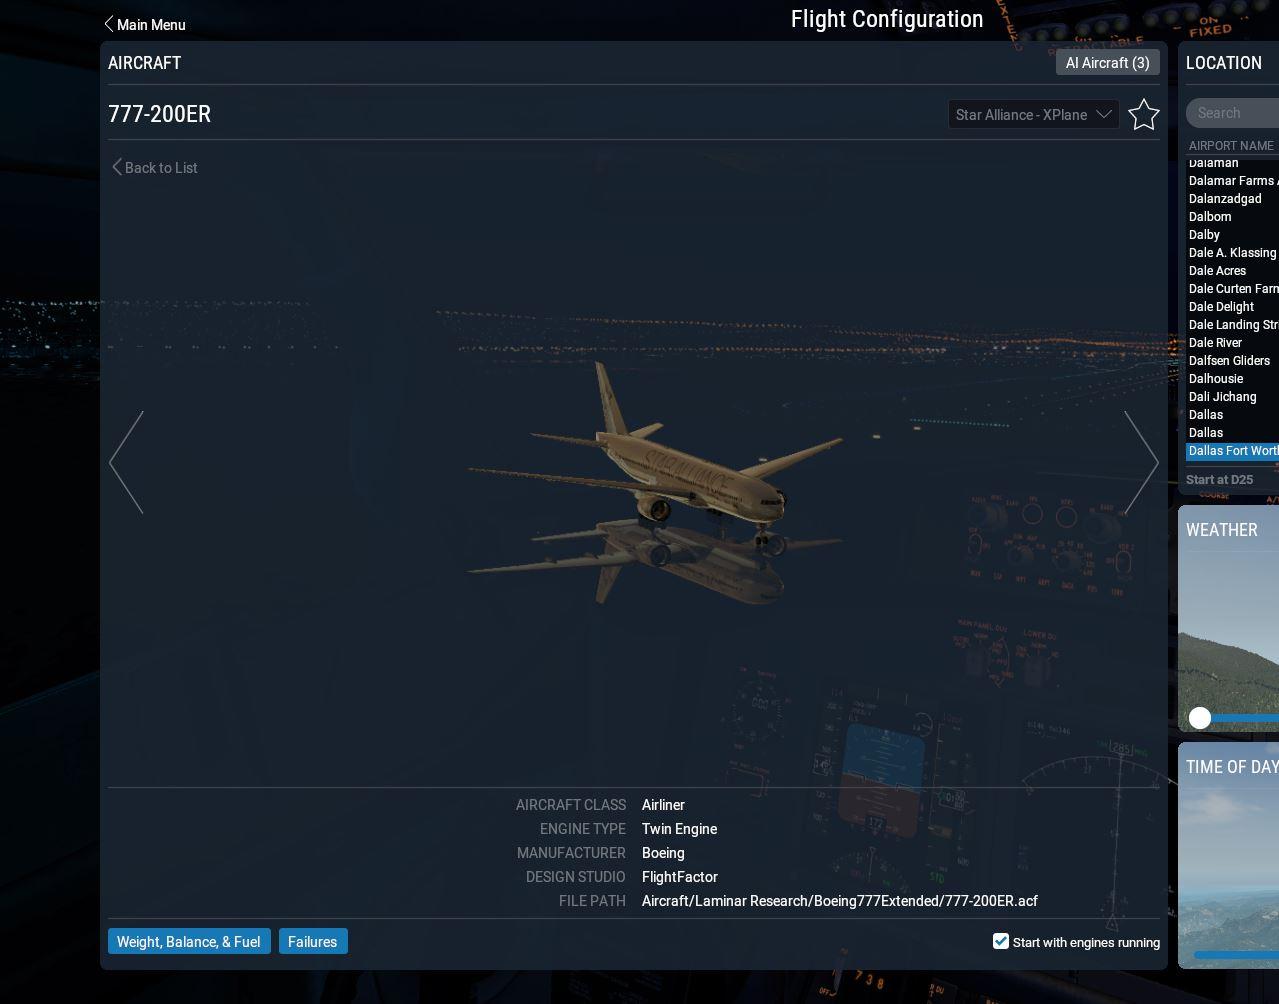 FF777 - FlightFactor B777 / B757 / B767 / A350 /A320 - AEROSOFT